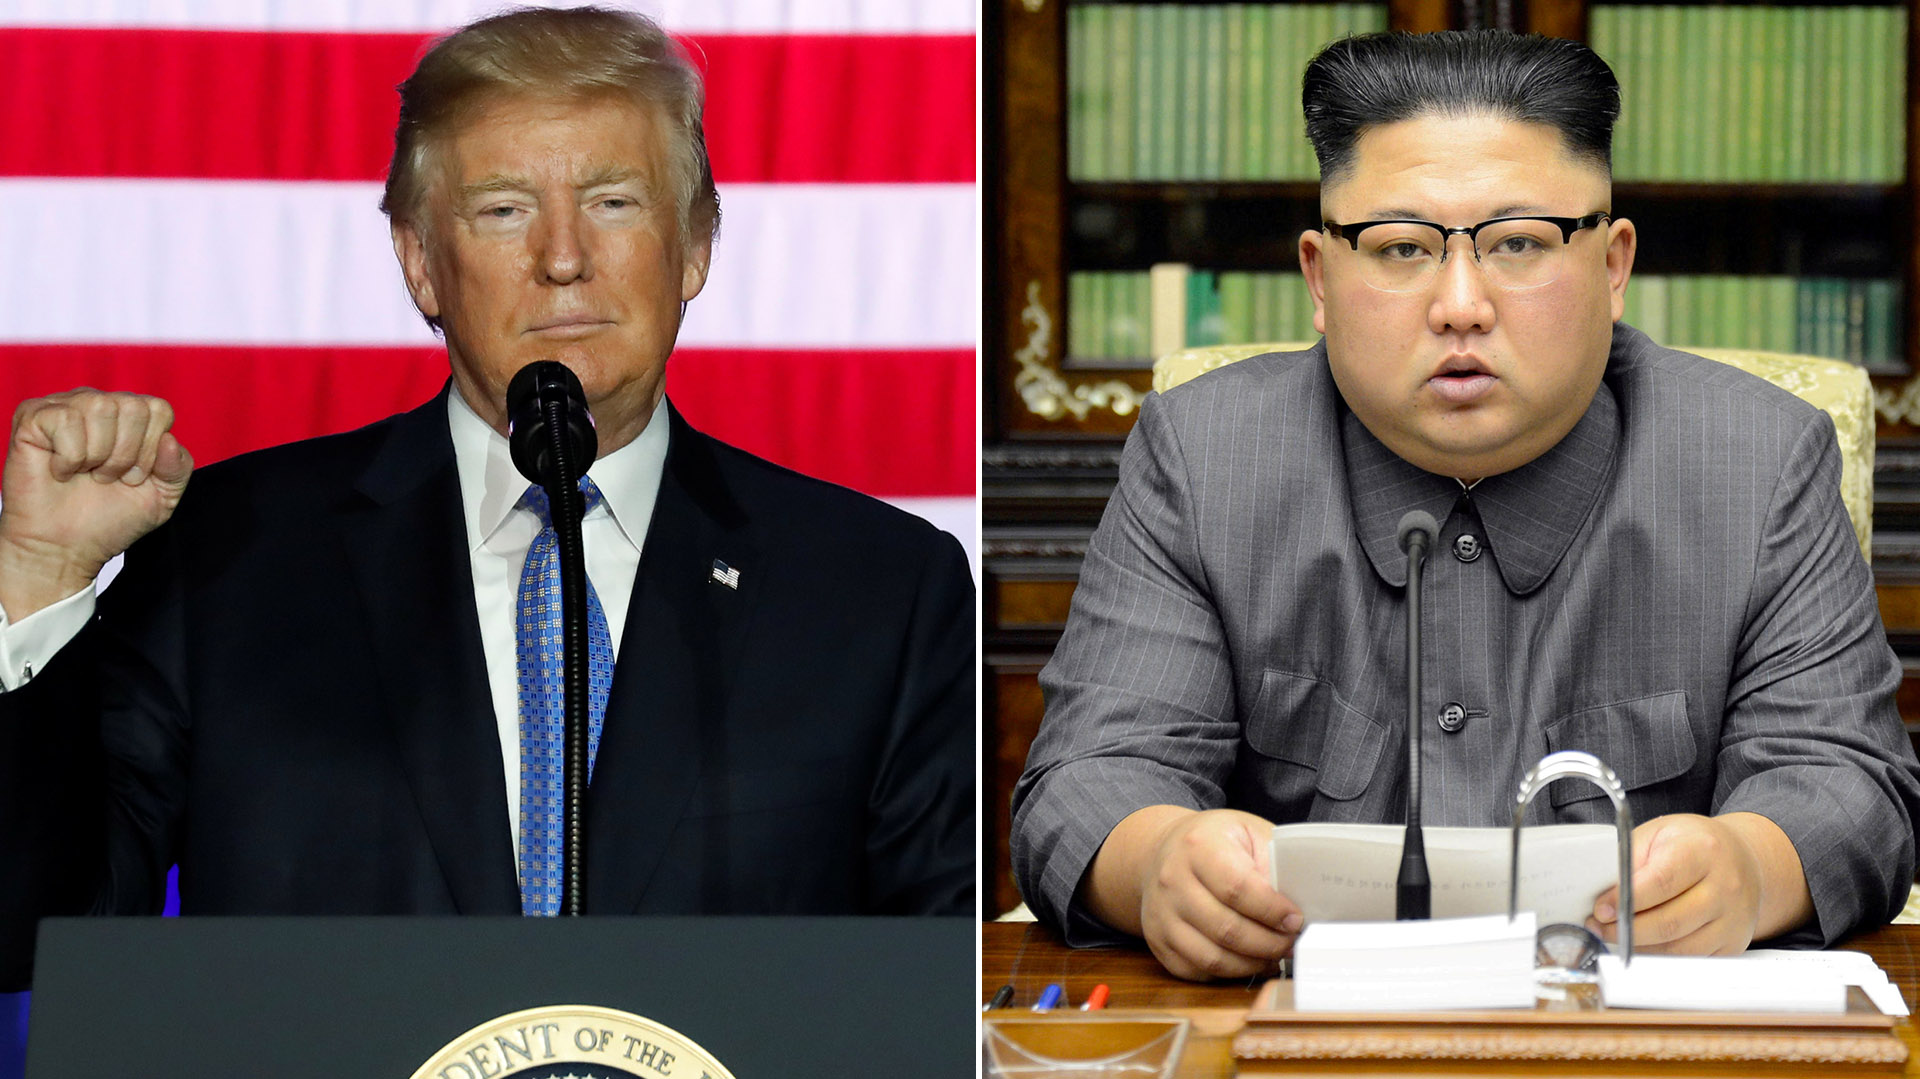 El presidente estadounidense Donald Trump y el dictador norcoreano Kim Jong-un